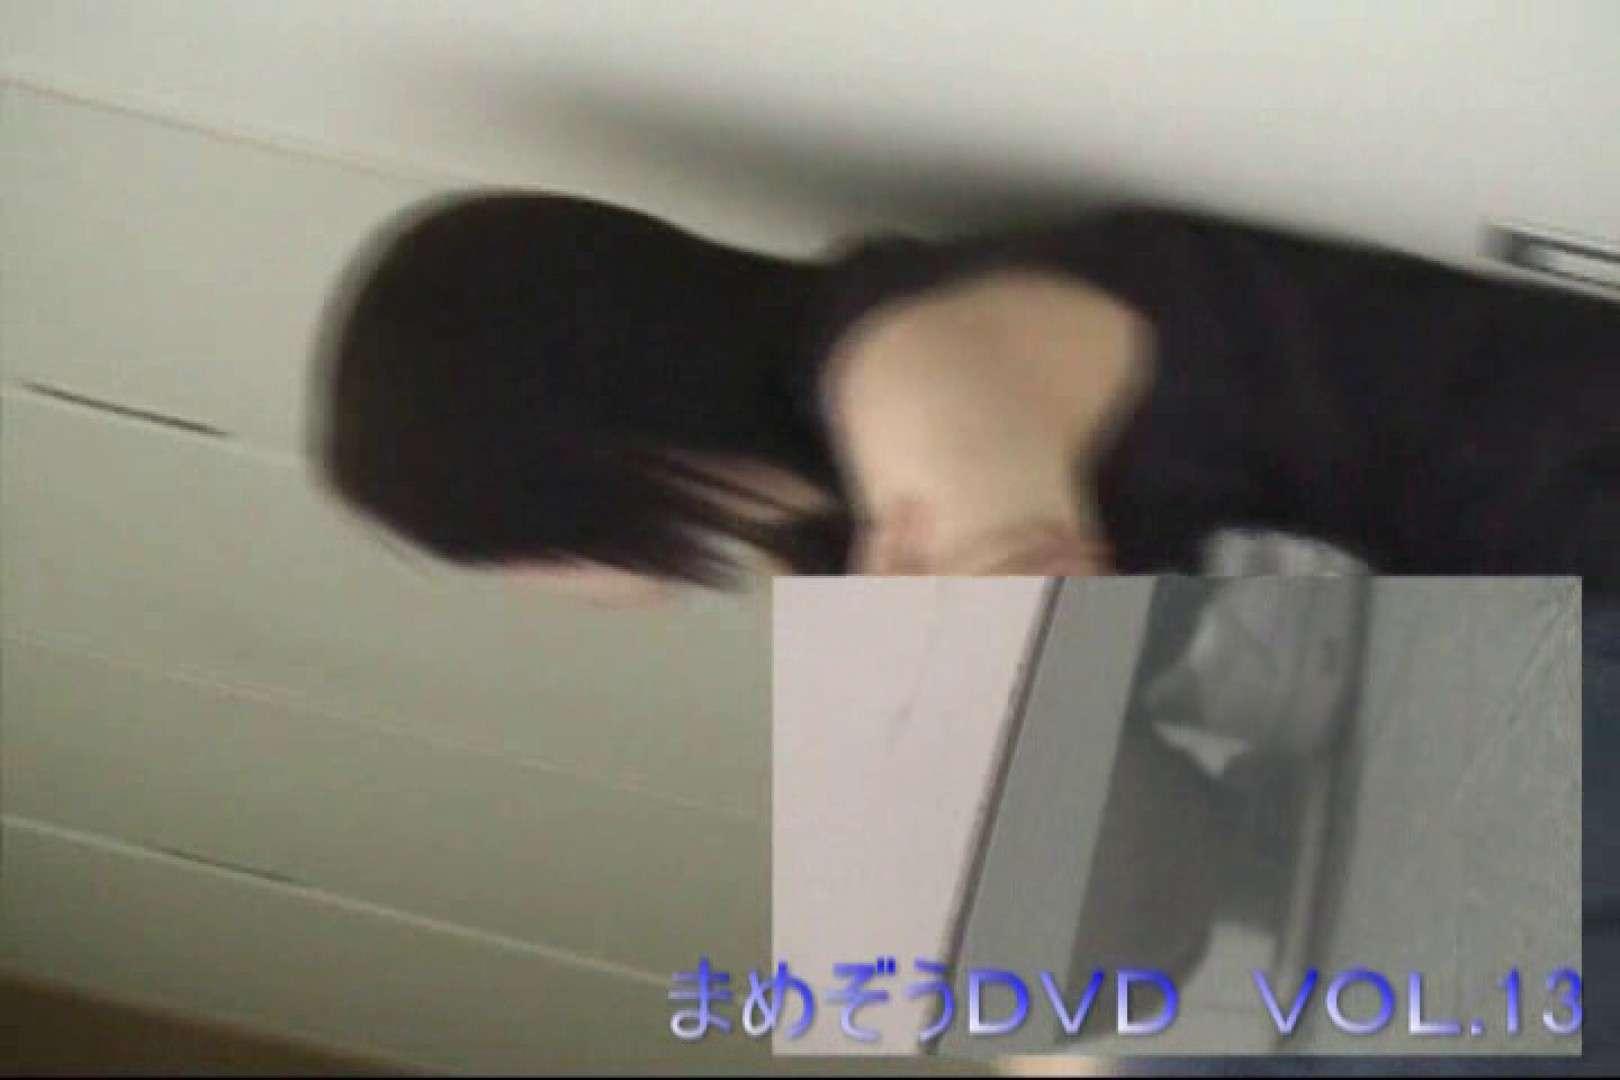 まめぞうDVD完全版VOL.13 ギャル達  101枚 22